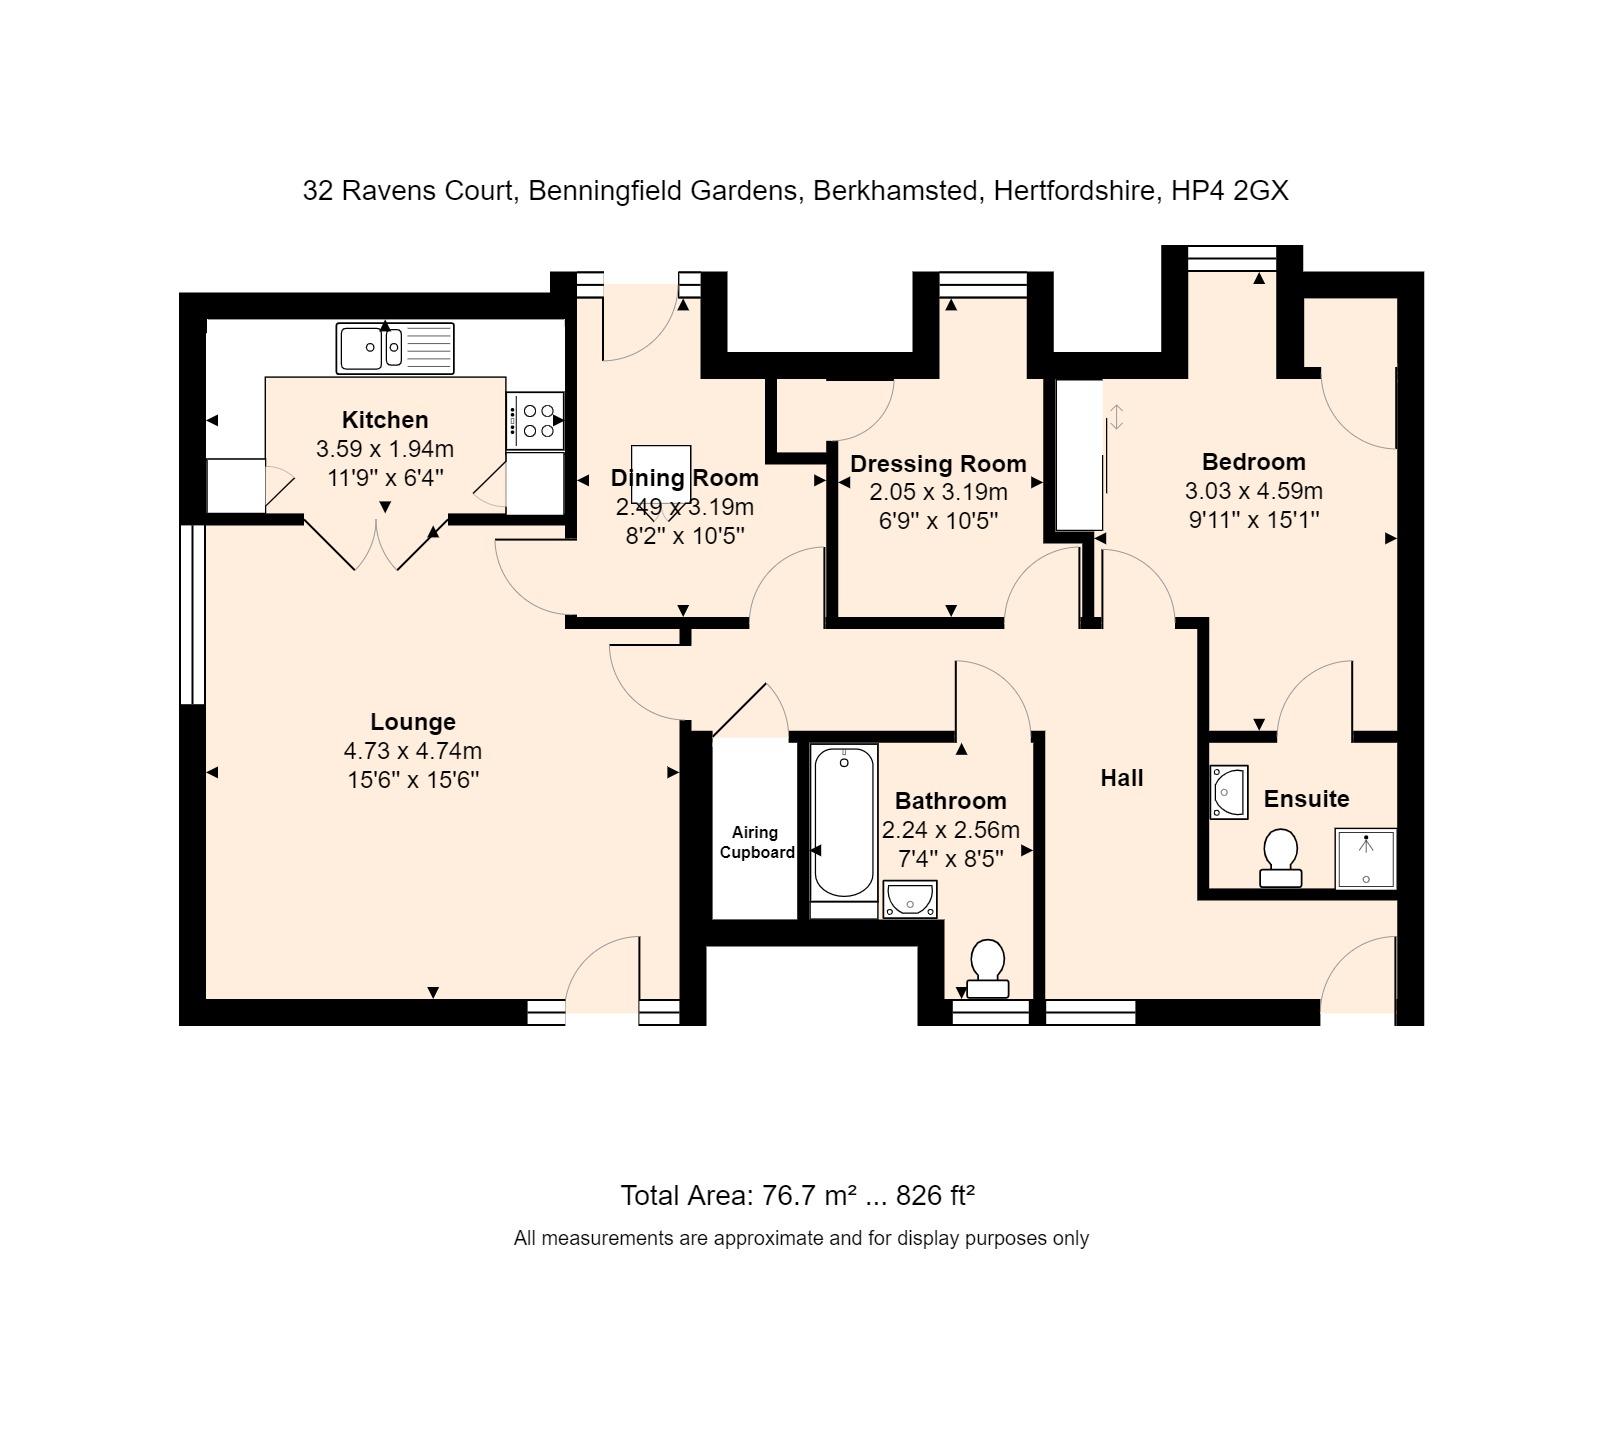 32 Ravens Court Floorplan